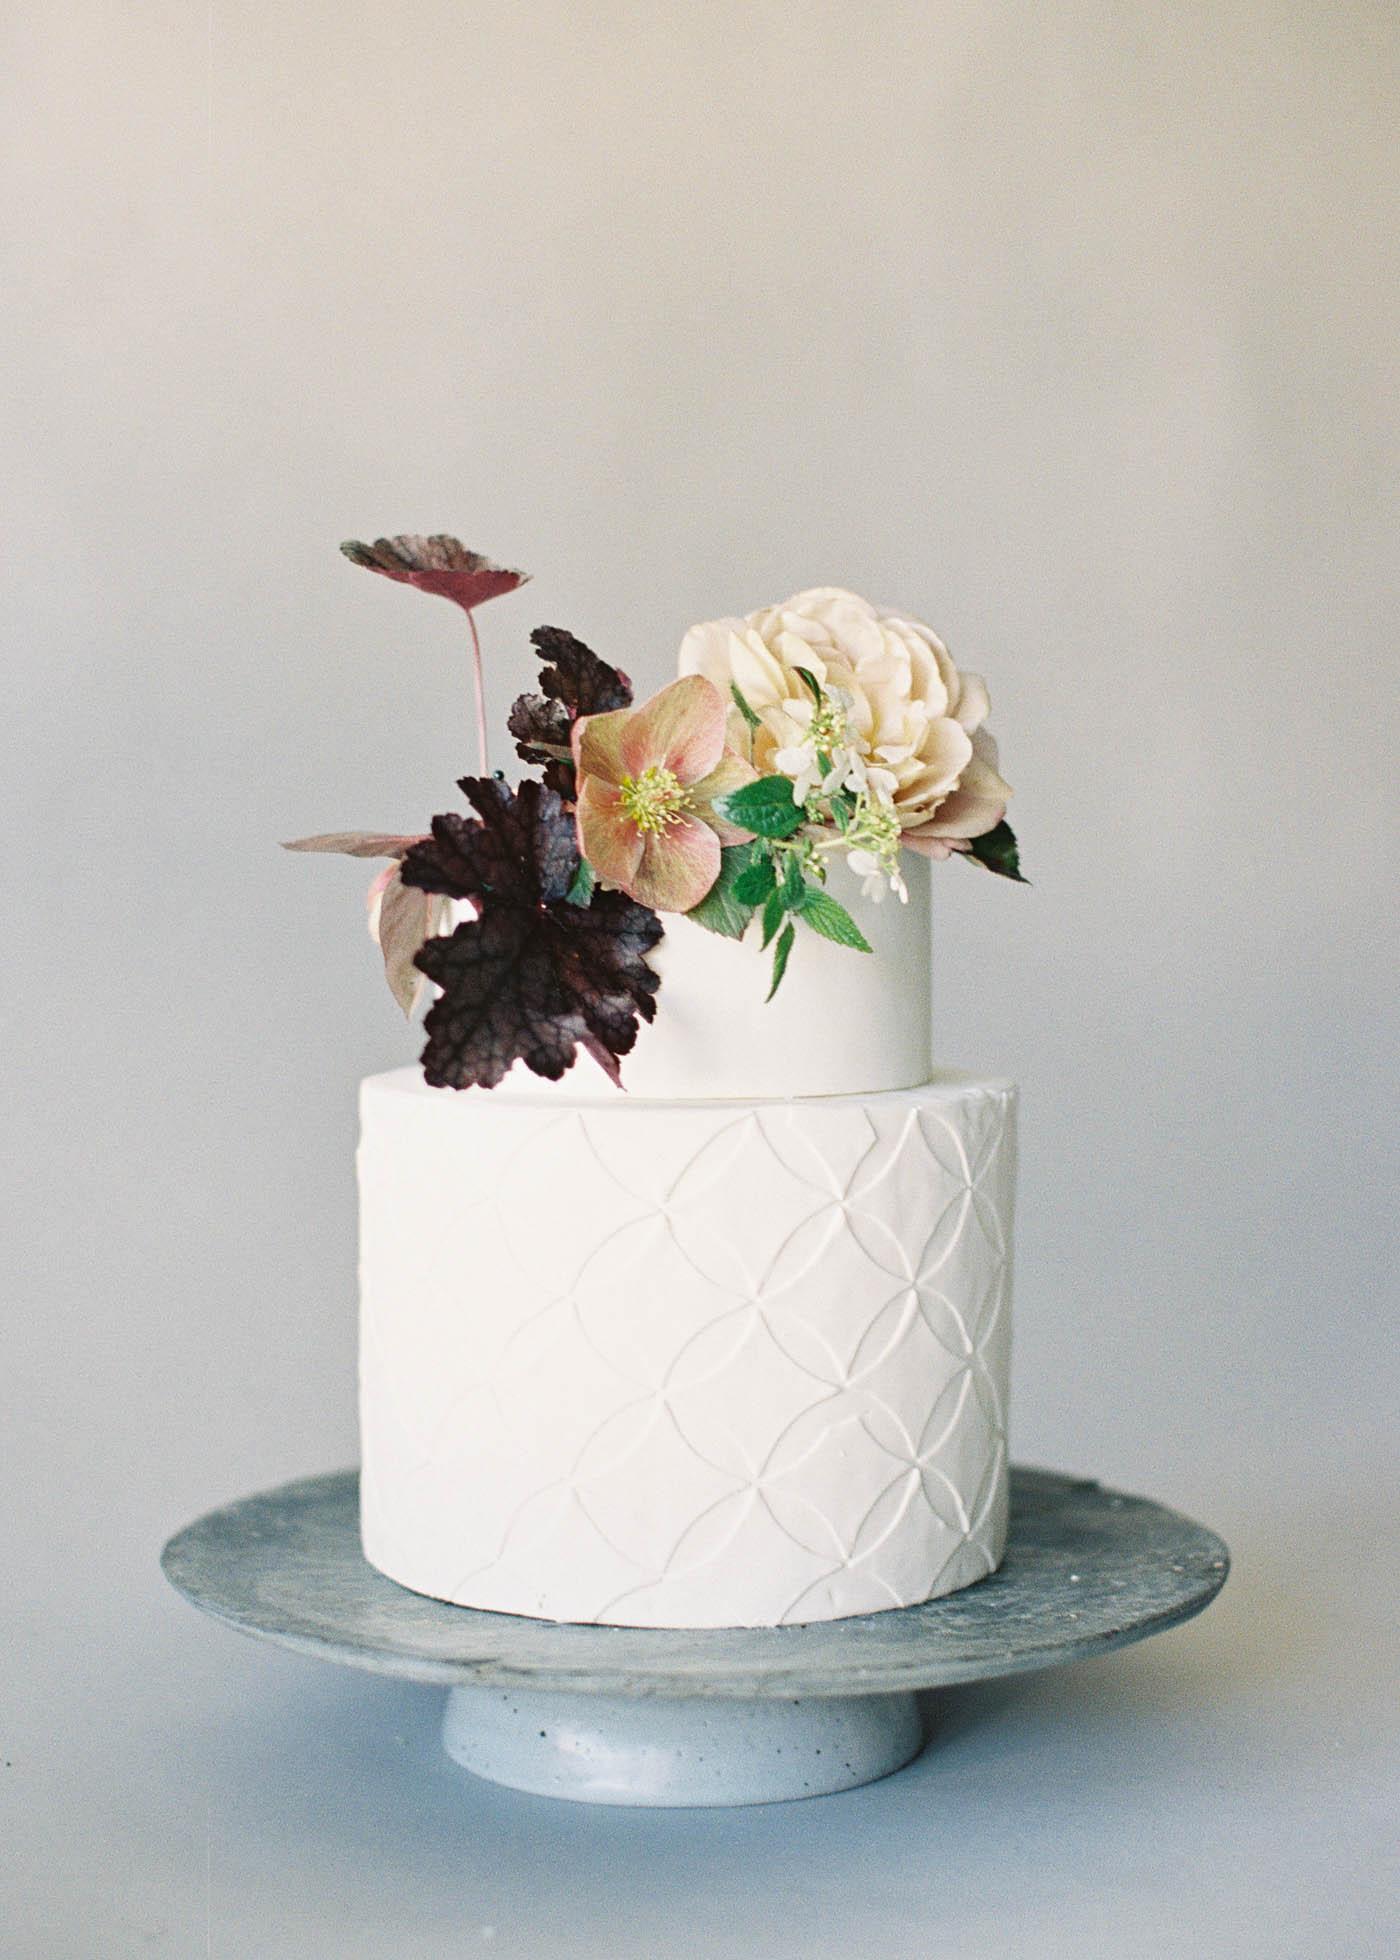 Cake-Favorites-20-Jen_Huang-000486-R1-059-28.jpg